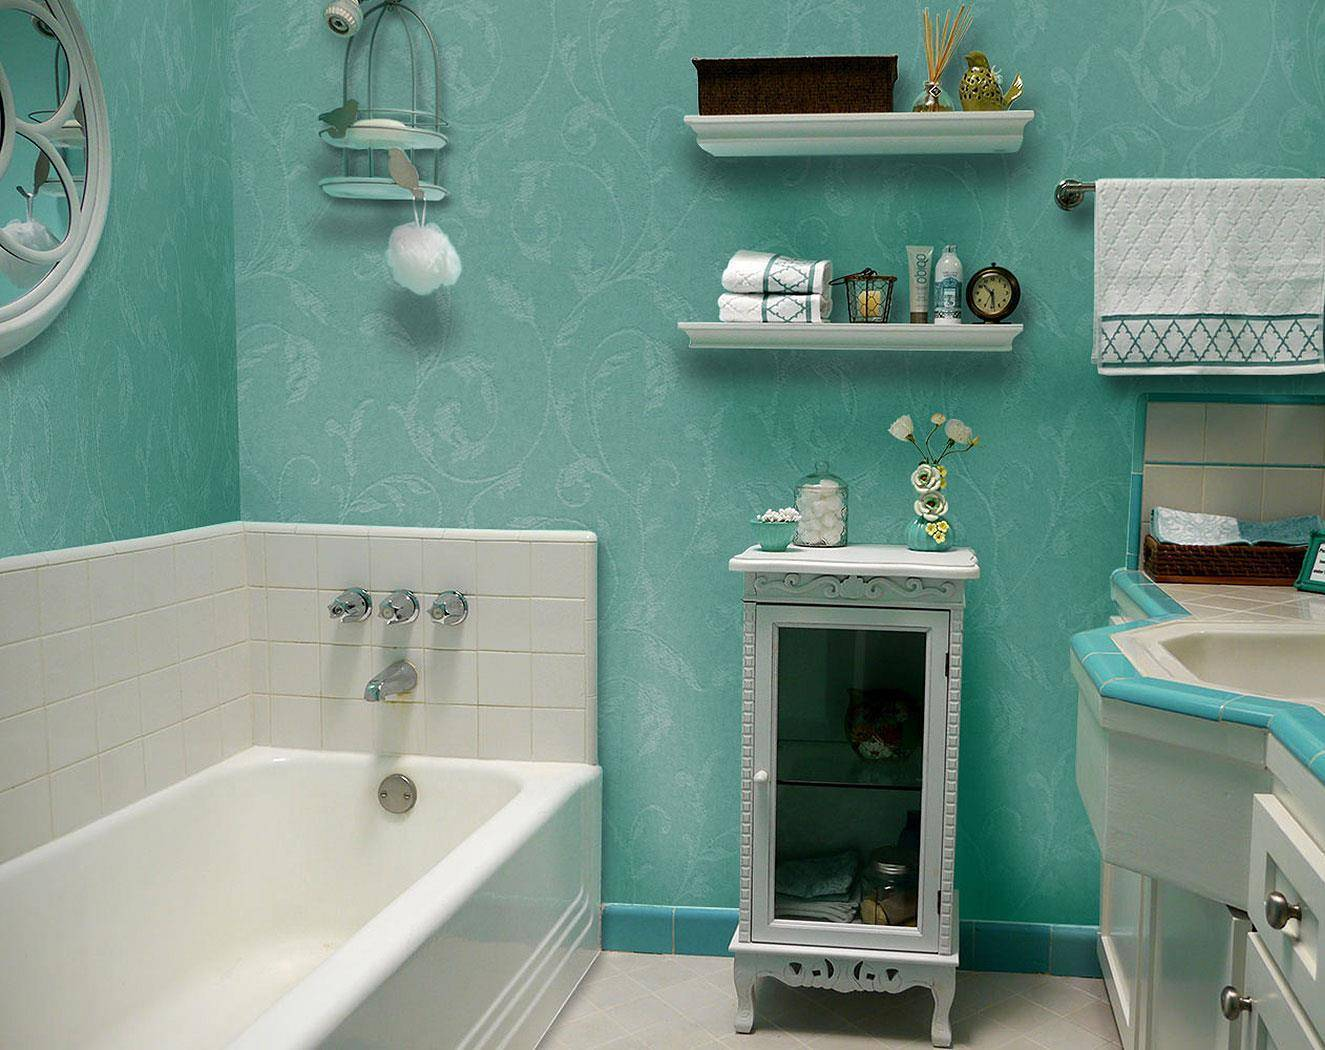 Стеклообои в ванной (50 фото): отзывы об отделке стен комнаты стекловолокнистыми обоями, какие подойдут для ремонта